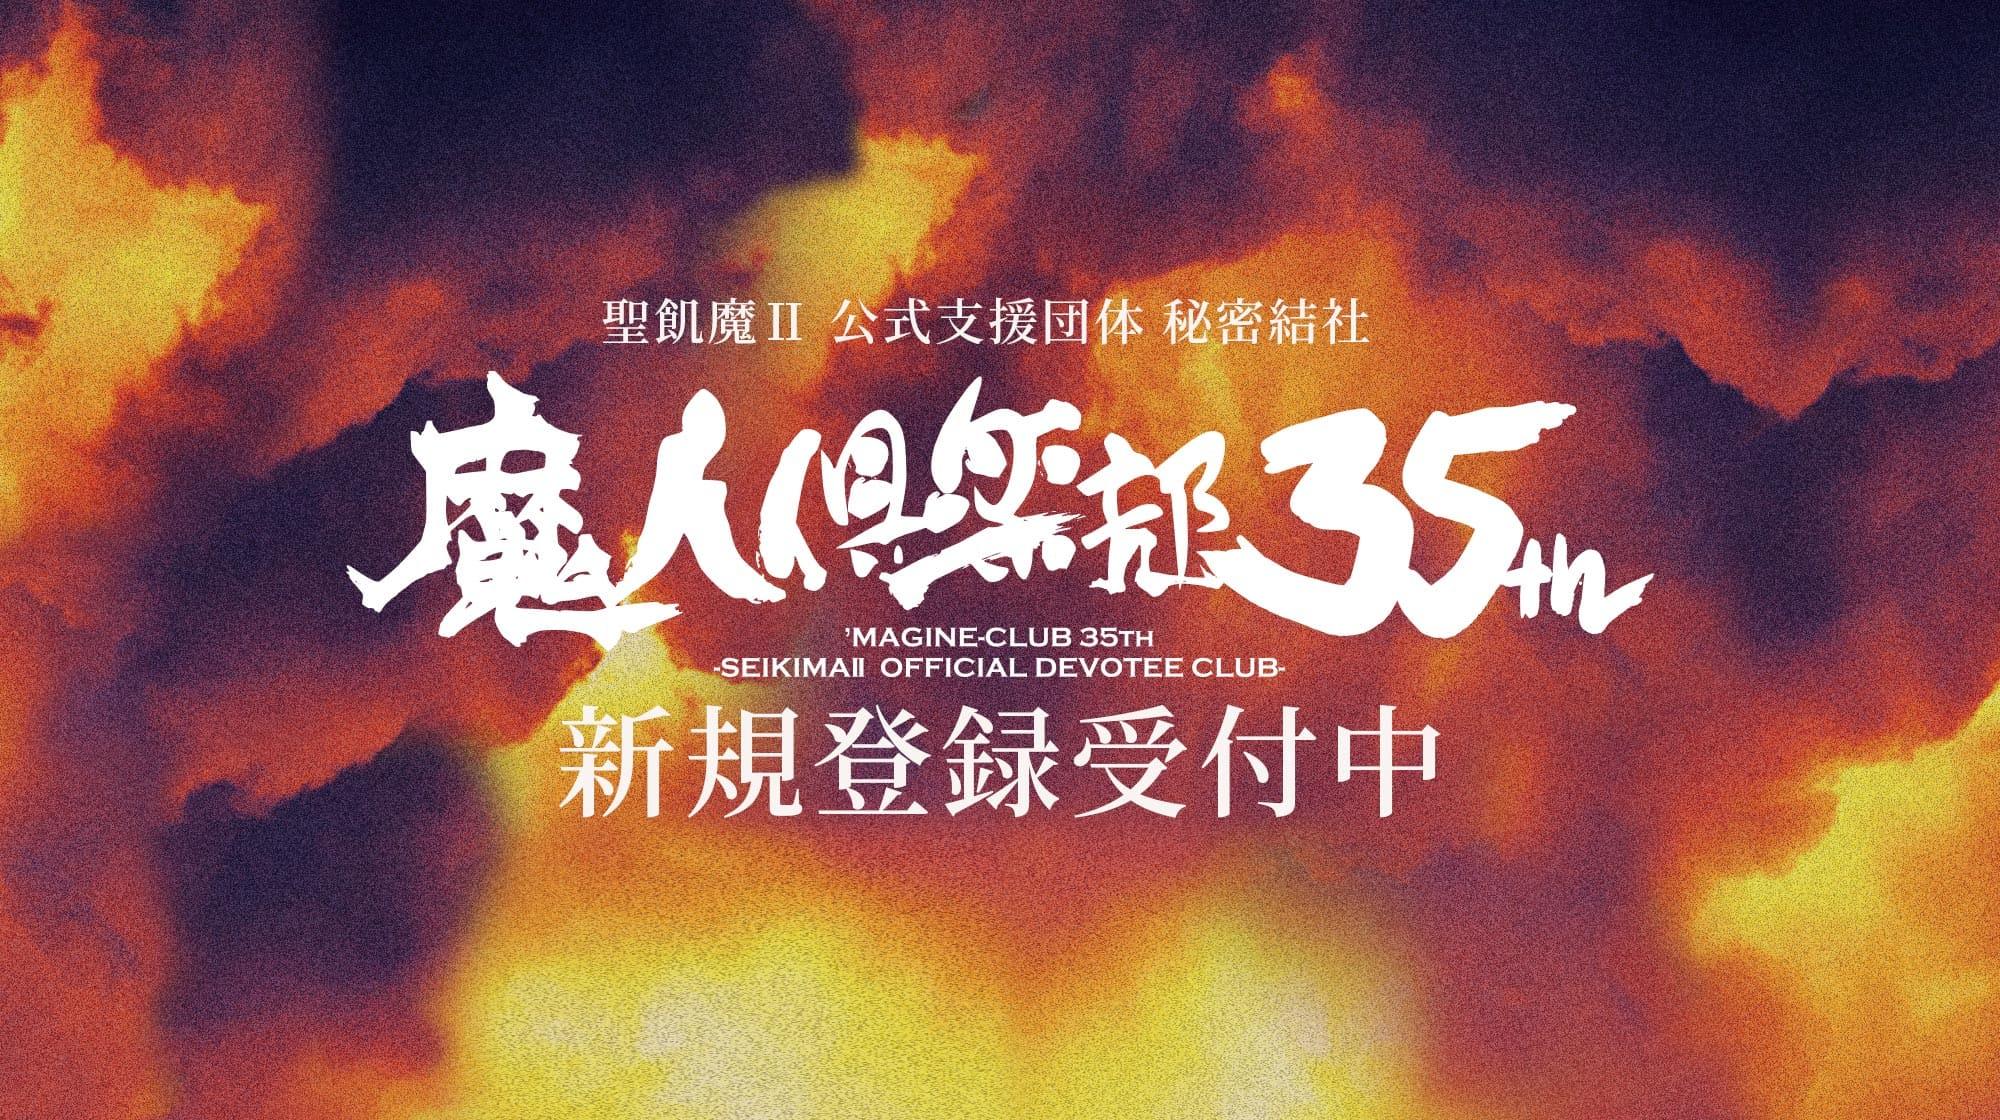 魔人倶楽部35th 新規登録受付中